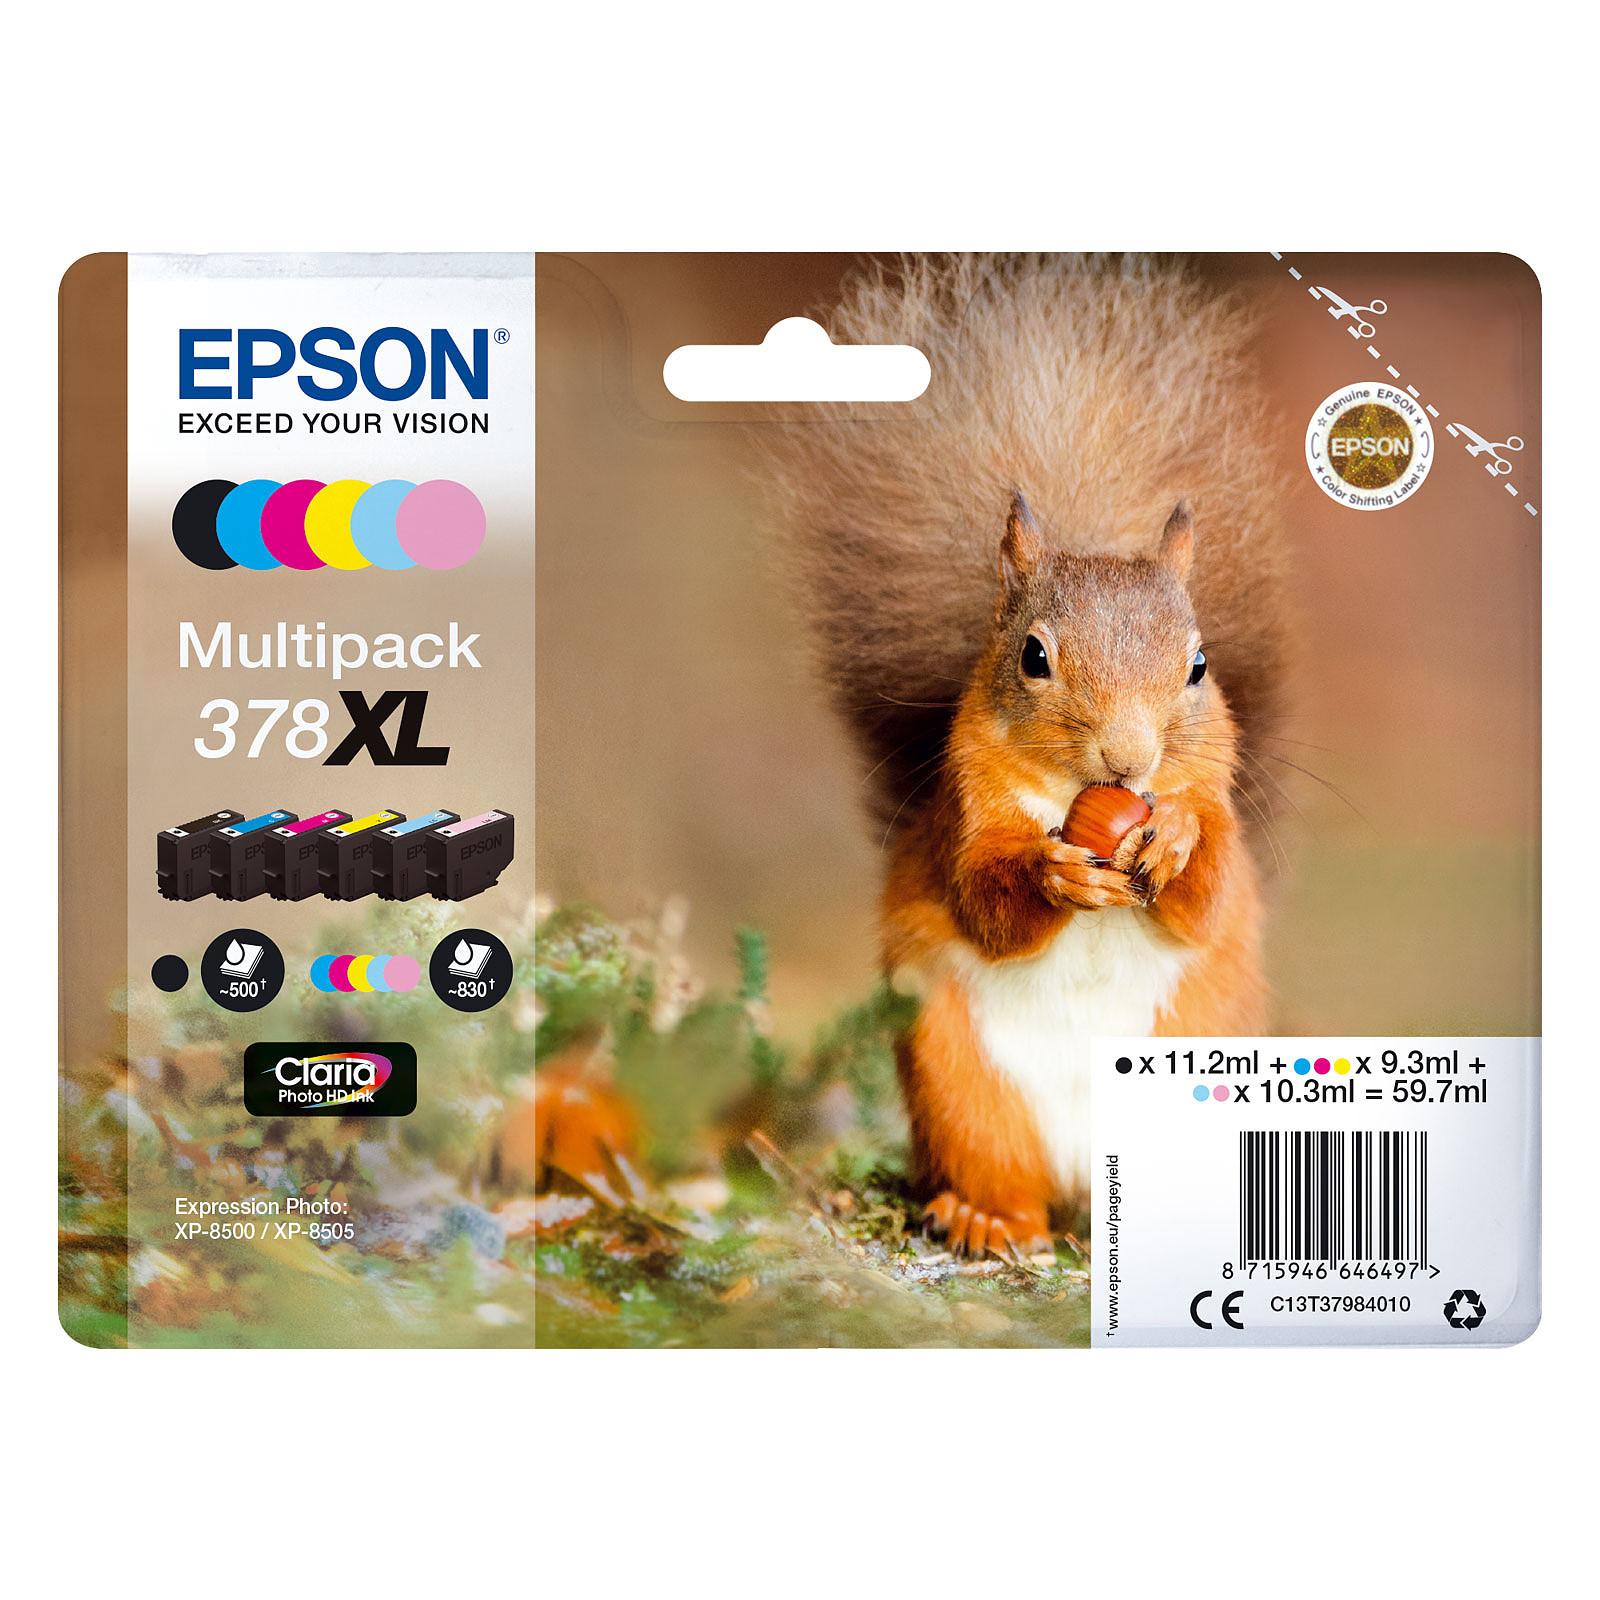 Epson Ecureuil Multipack 378XL